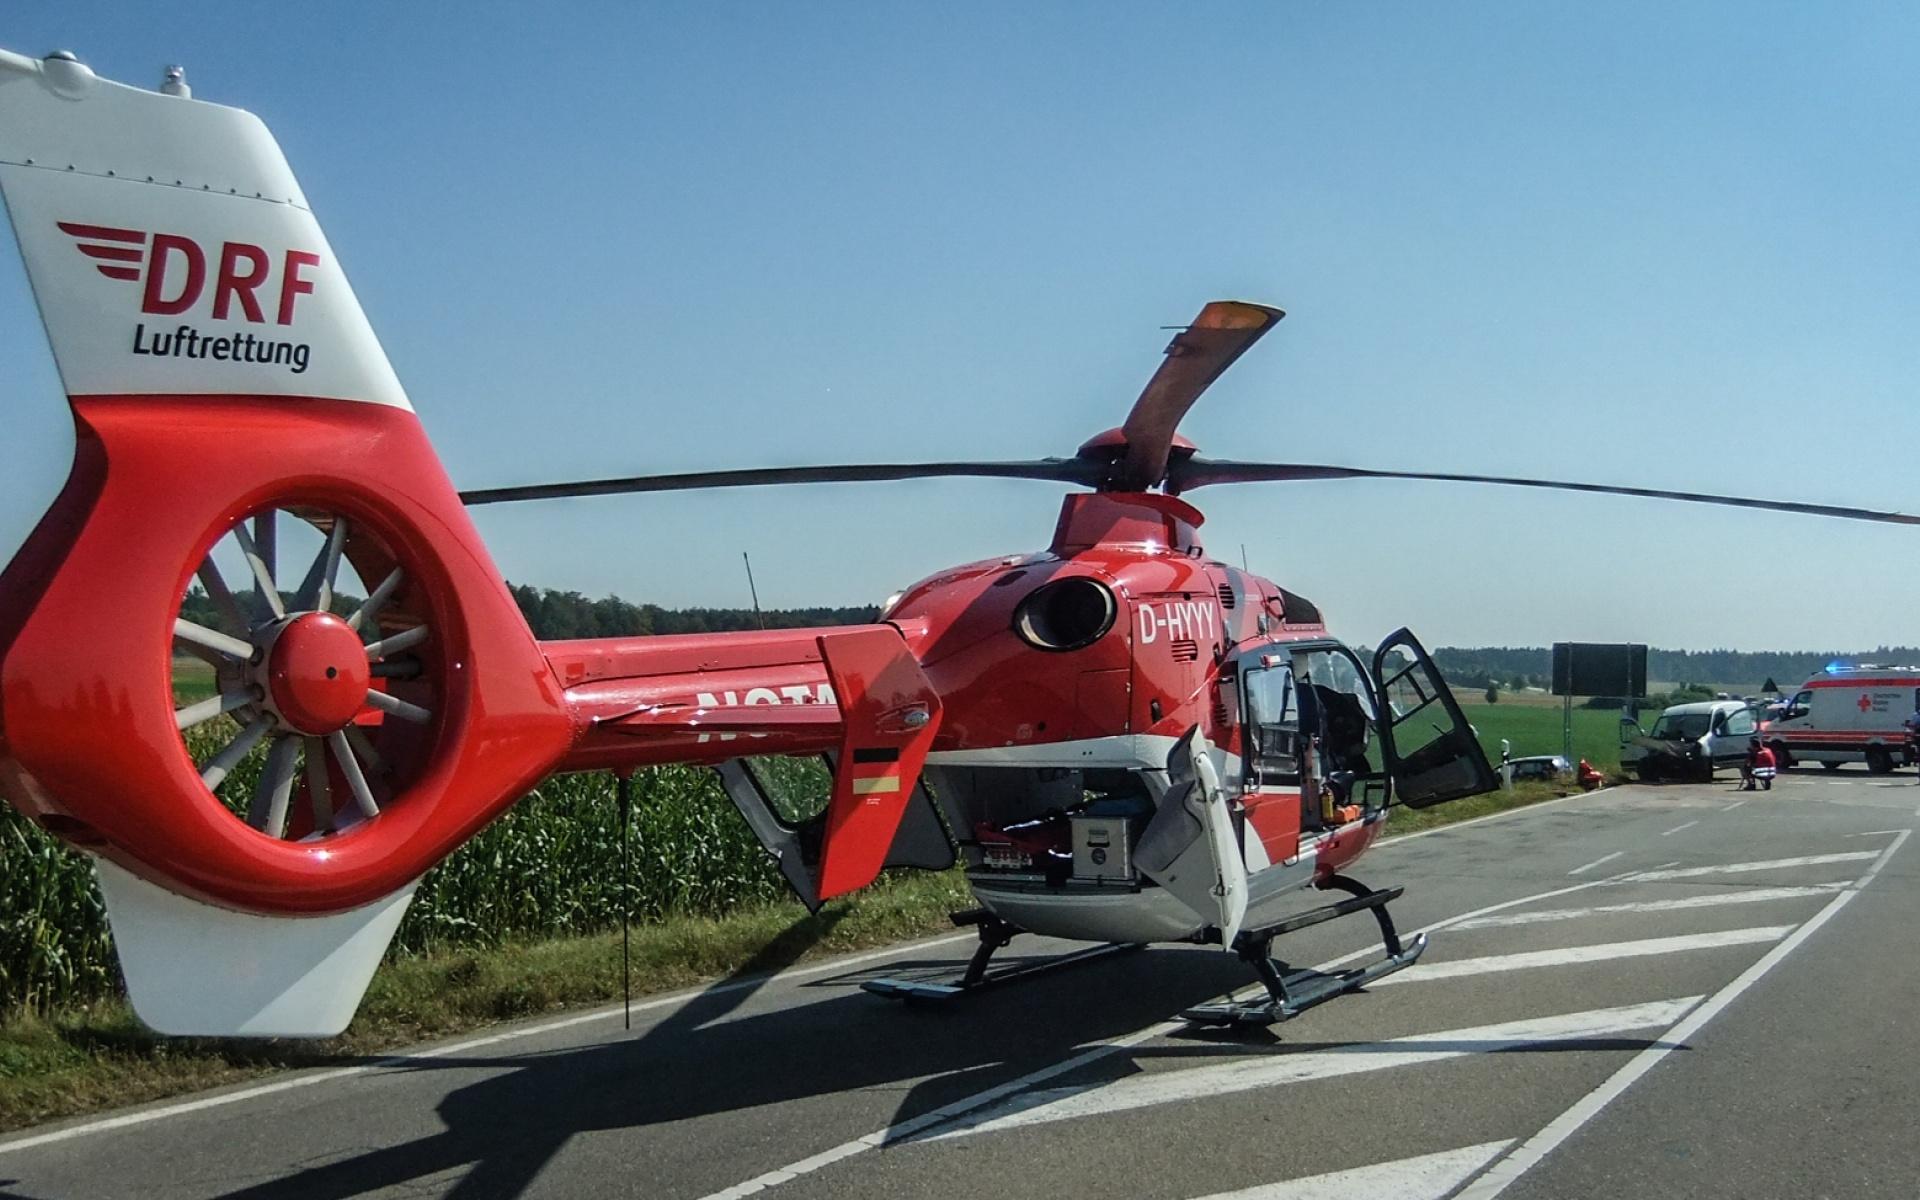 Bei den teils großen Entfernungen auf der Schwäbischen Alb kommt der Vorteil des Hubschraubers besonders zum Tragen.